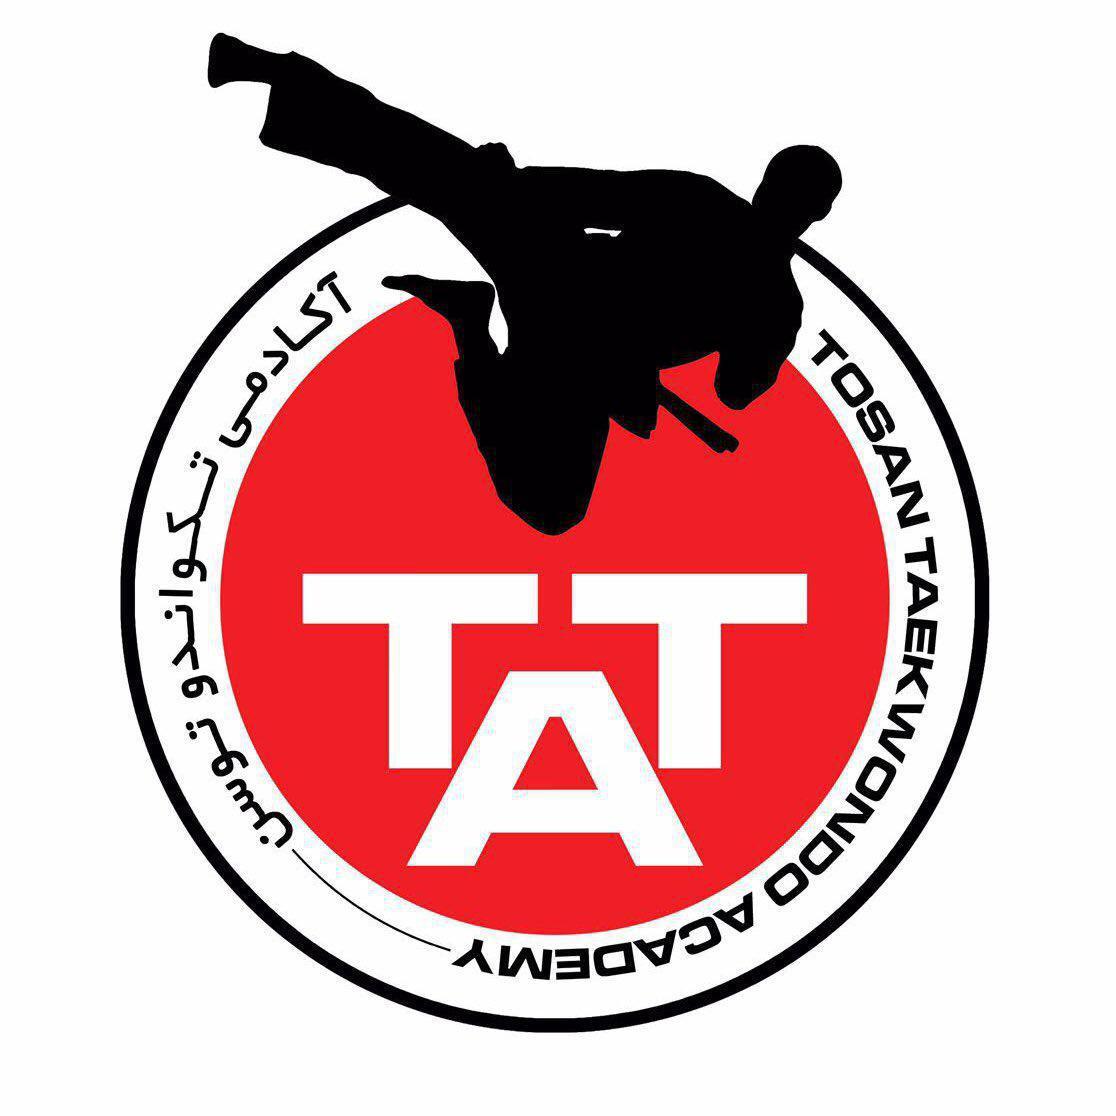 اولين روز تستهاي ورزشي (( آكادمي تكواندو توسن )) در مركز تندرستي و مشاوره ورزشي دانشگاه تهران